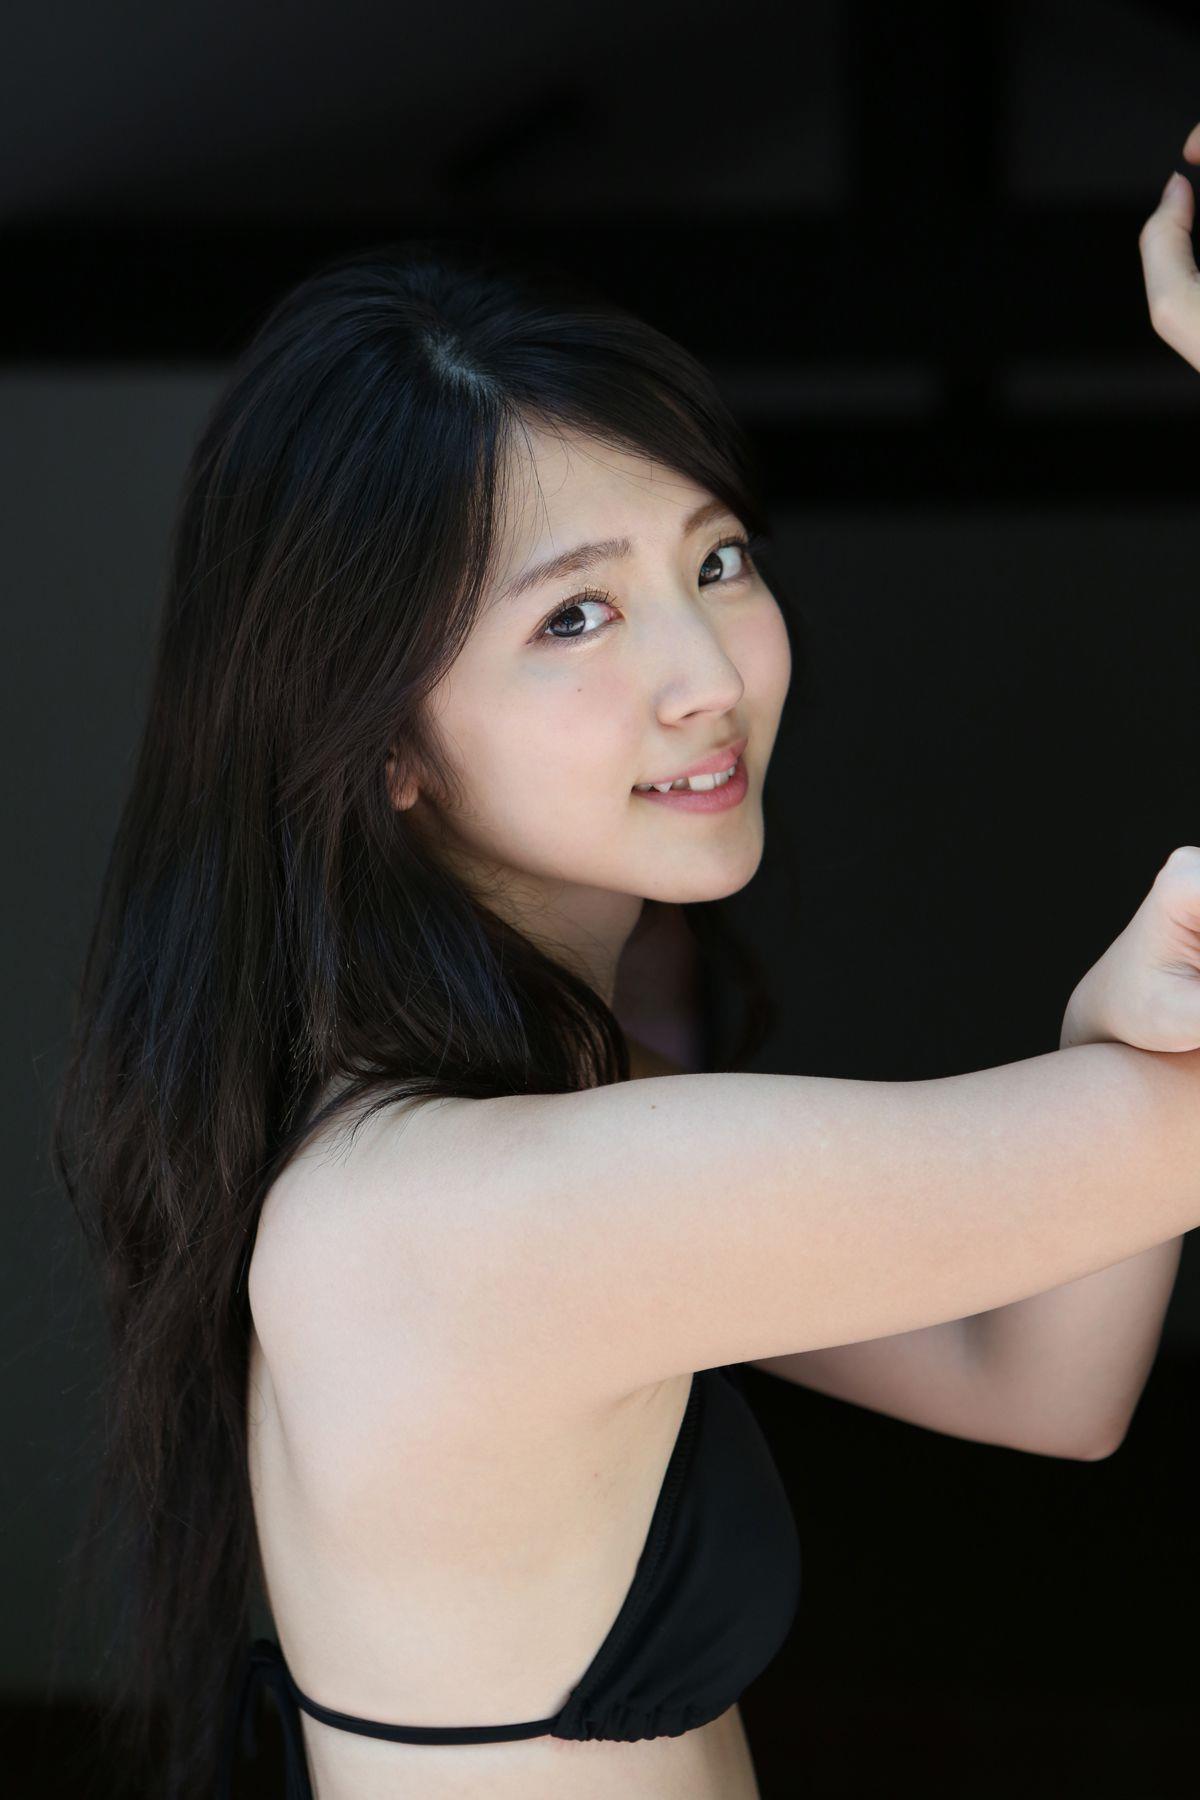 鈴木愛理(℃-ute) 画像 80